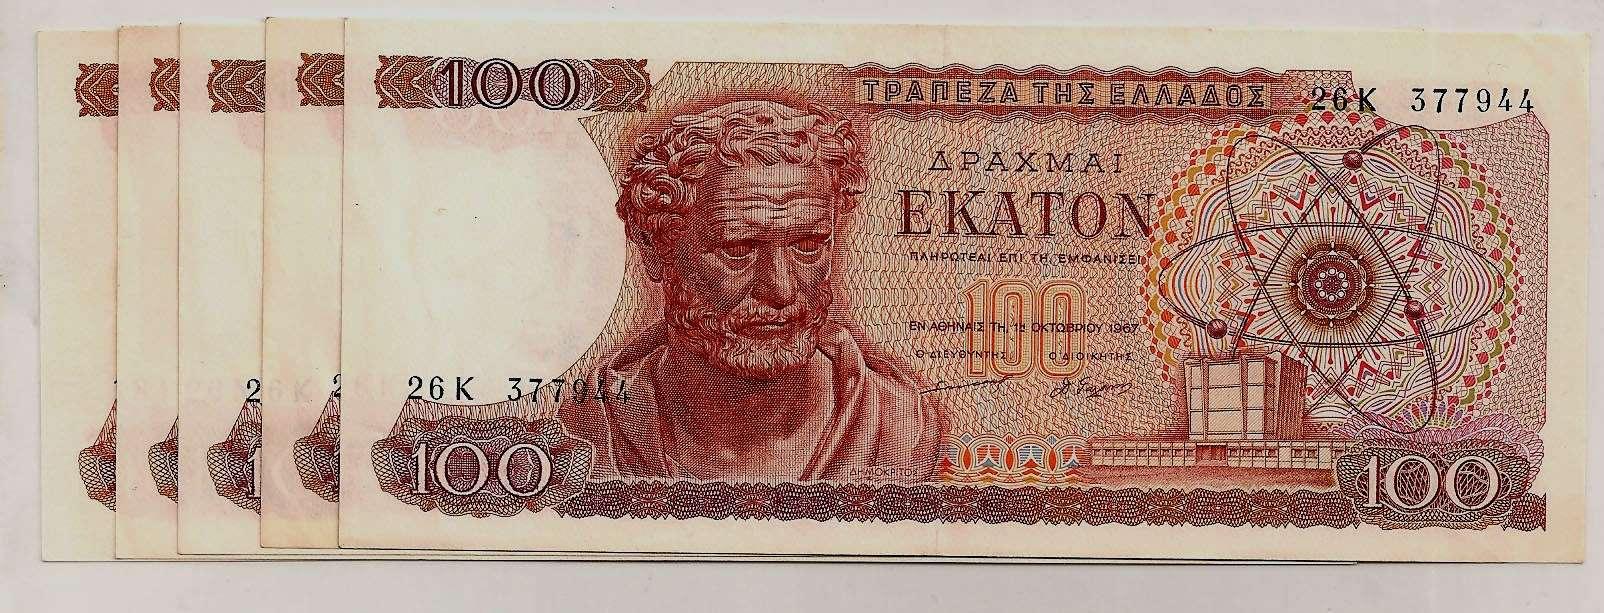 Παλιό χαρτονόμισμα των εκατό δραχμών (κατοστάρικο) με την μορφή του Αριστοτέλη